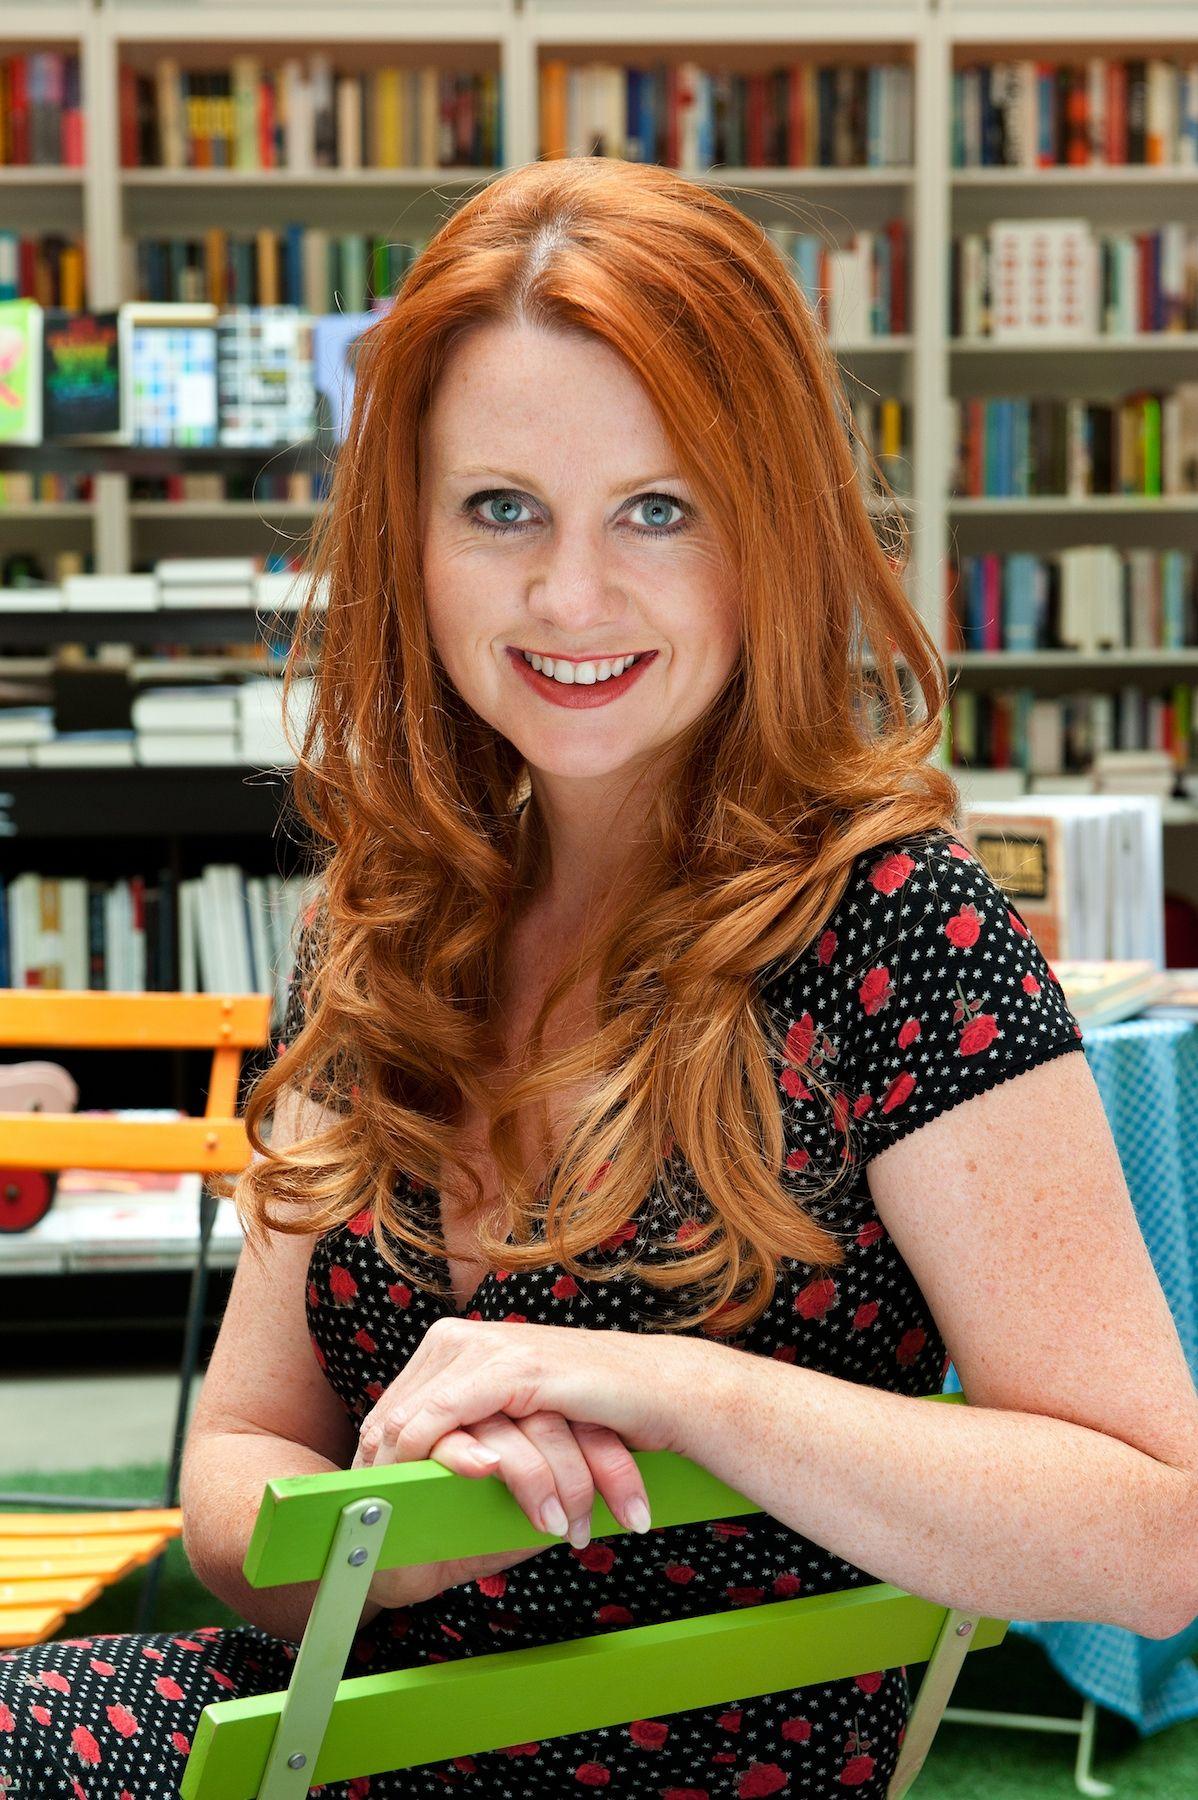 deze dame gaat boek (op 4 december in de winkel) @denieuwepolitie voorstellen. Beetje fier :-) #lannoo @petersaerens